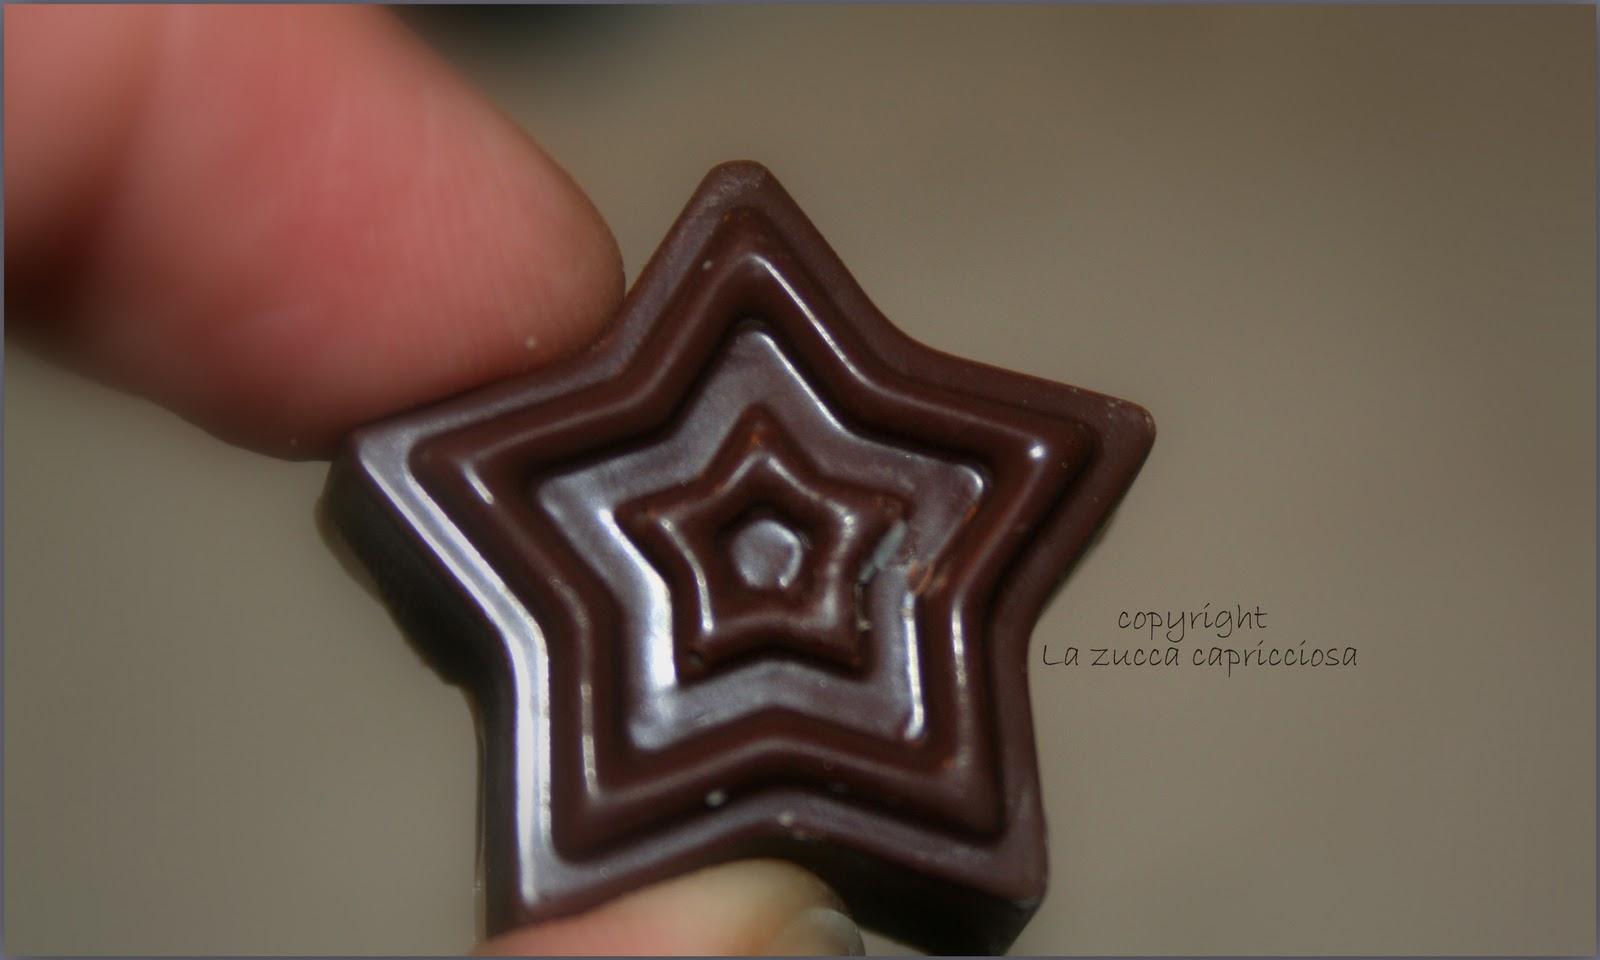 Ricomincio da dal cioccolato salame di cioccolato e - Lo specchio ti riflette testo ...